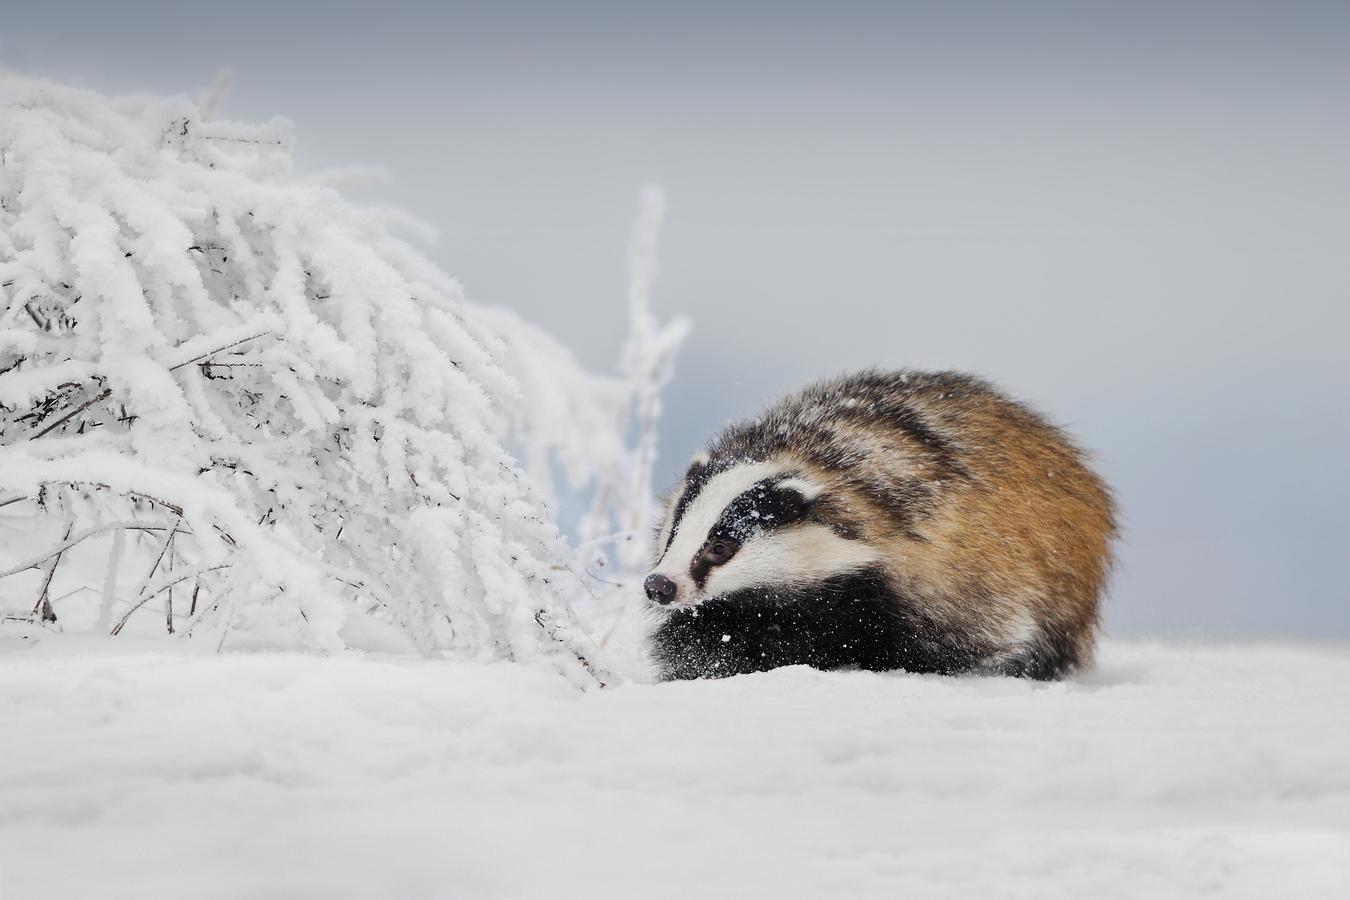 oči má sněhem zaváté …